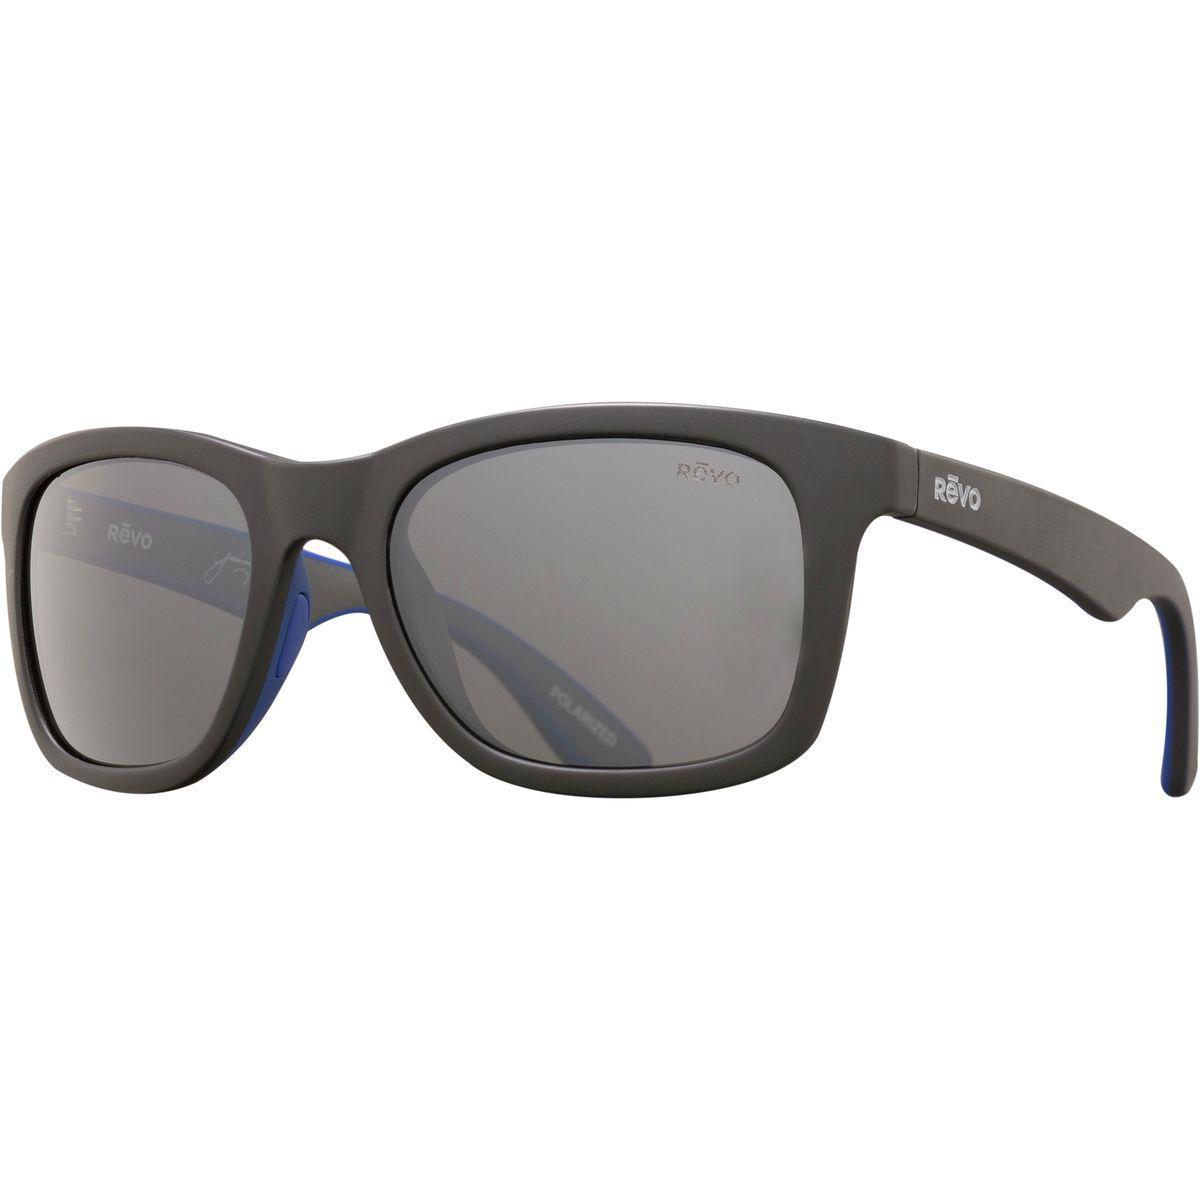 d3c9f4fadb Lyst - Revo Huddie Sunglasses - Polarized in Black